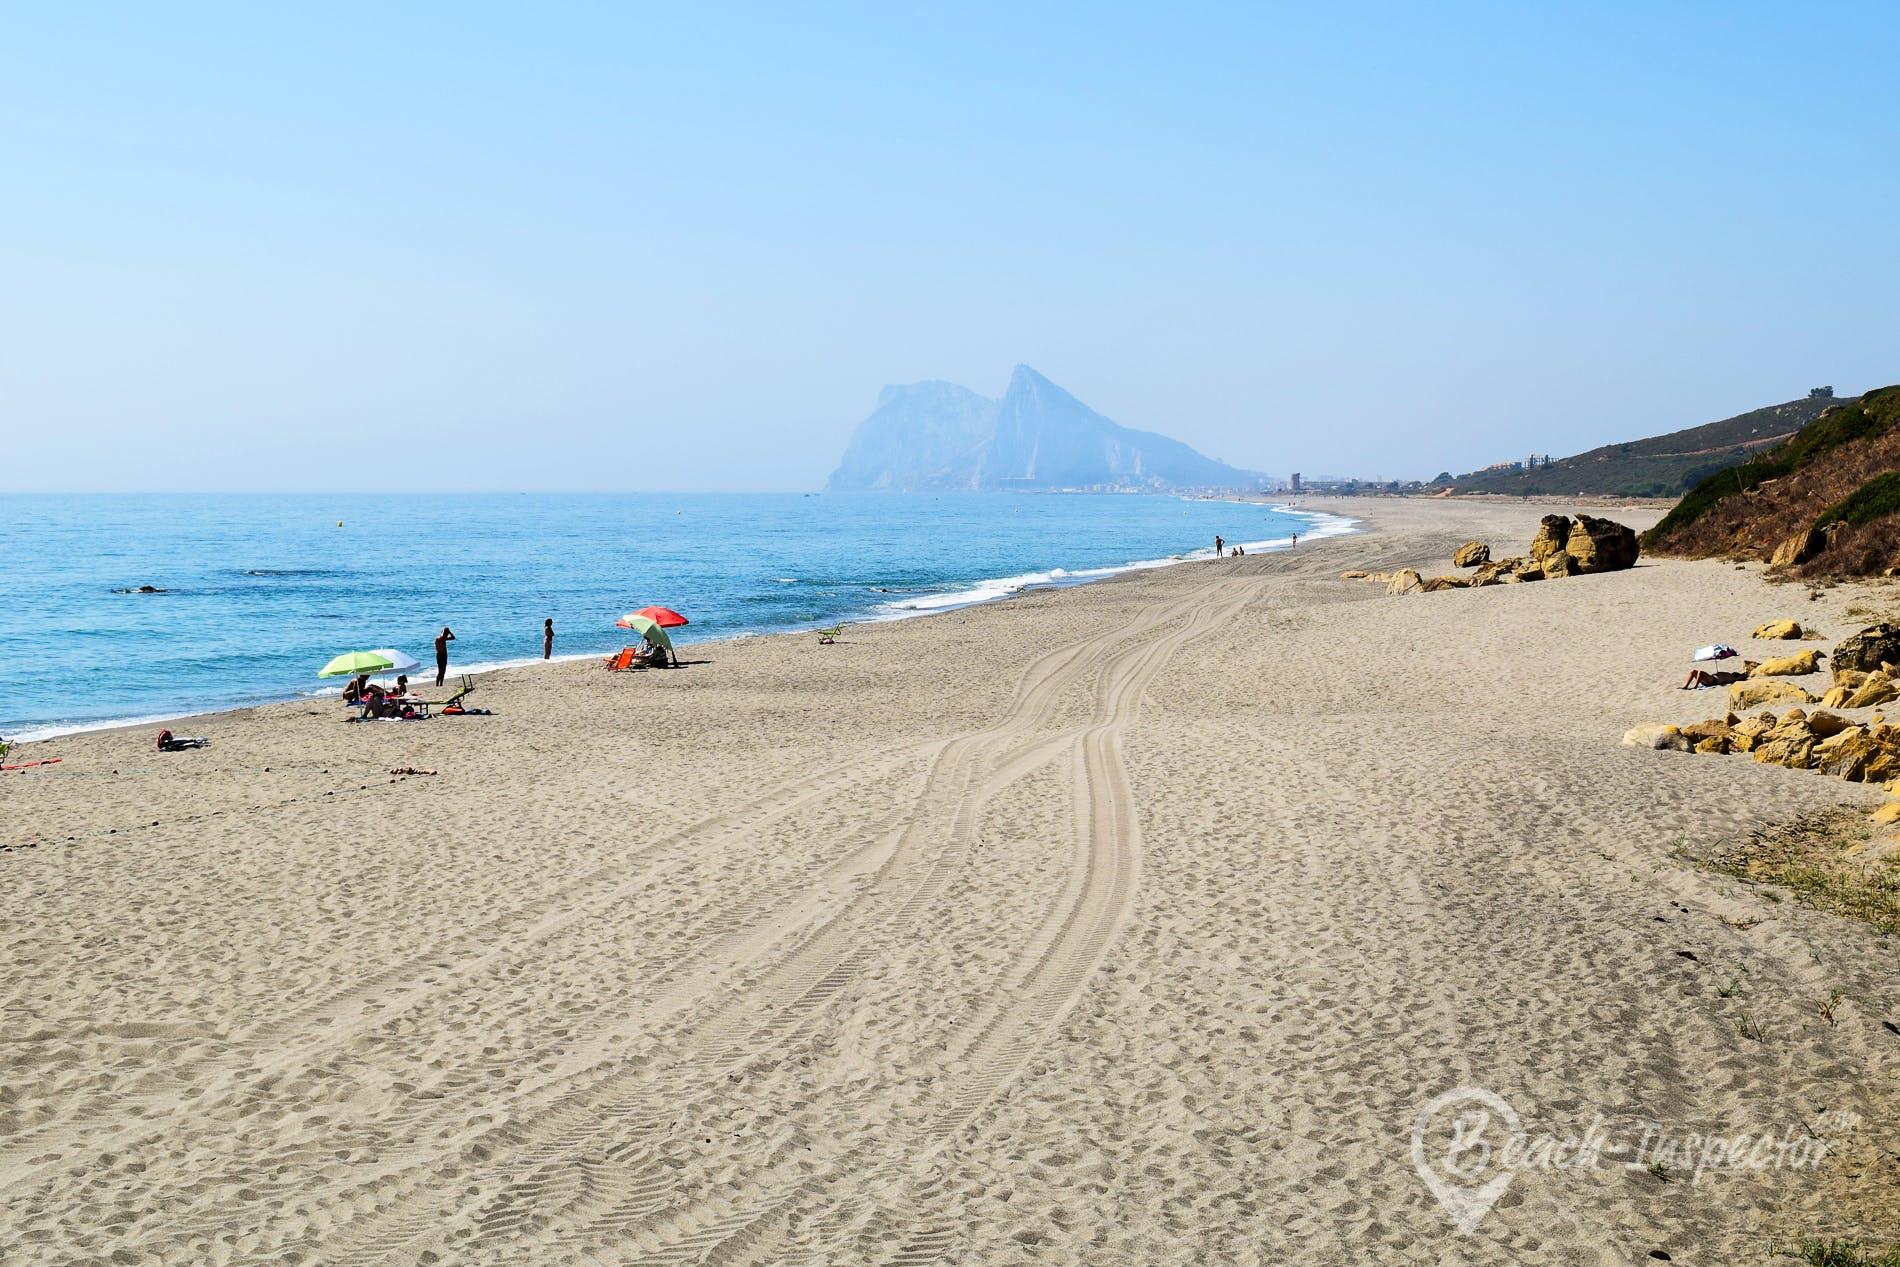 Beach Playa de La Alcaidesa, Costa del Sol, Spain